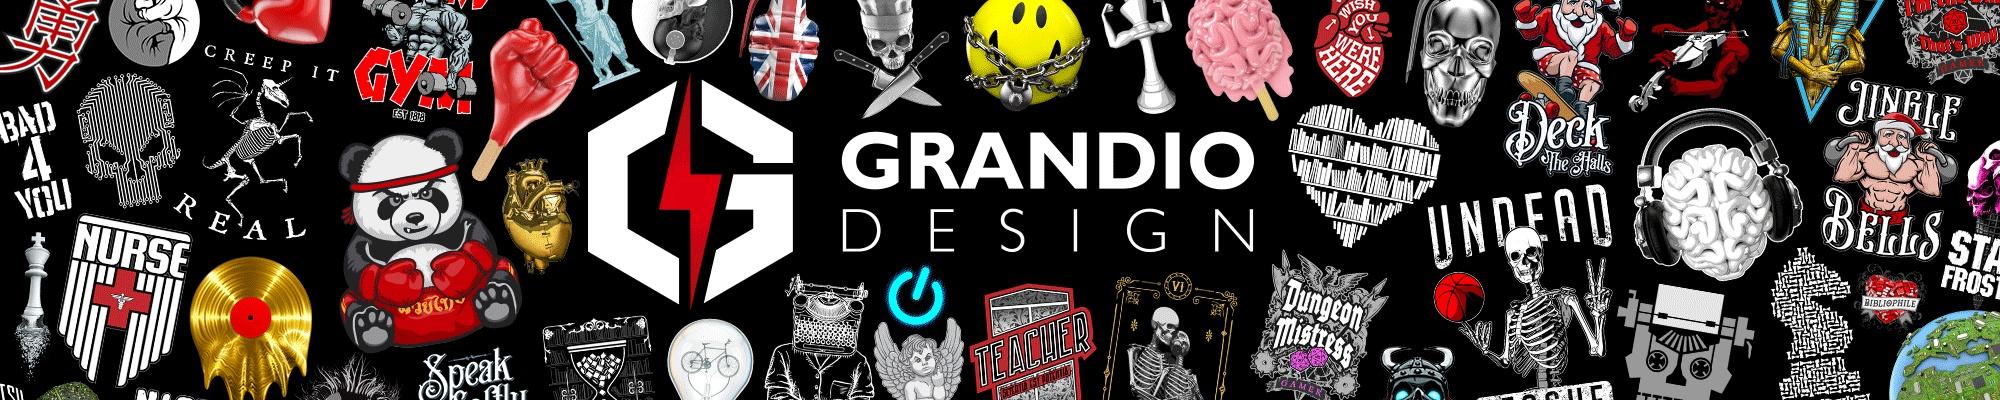 grandiodesign Cover